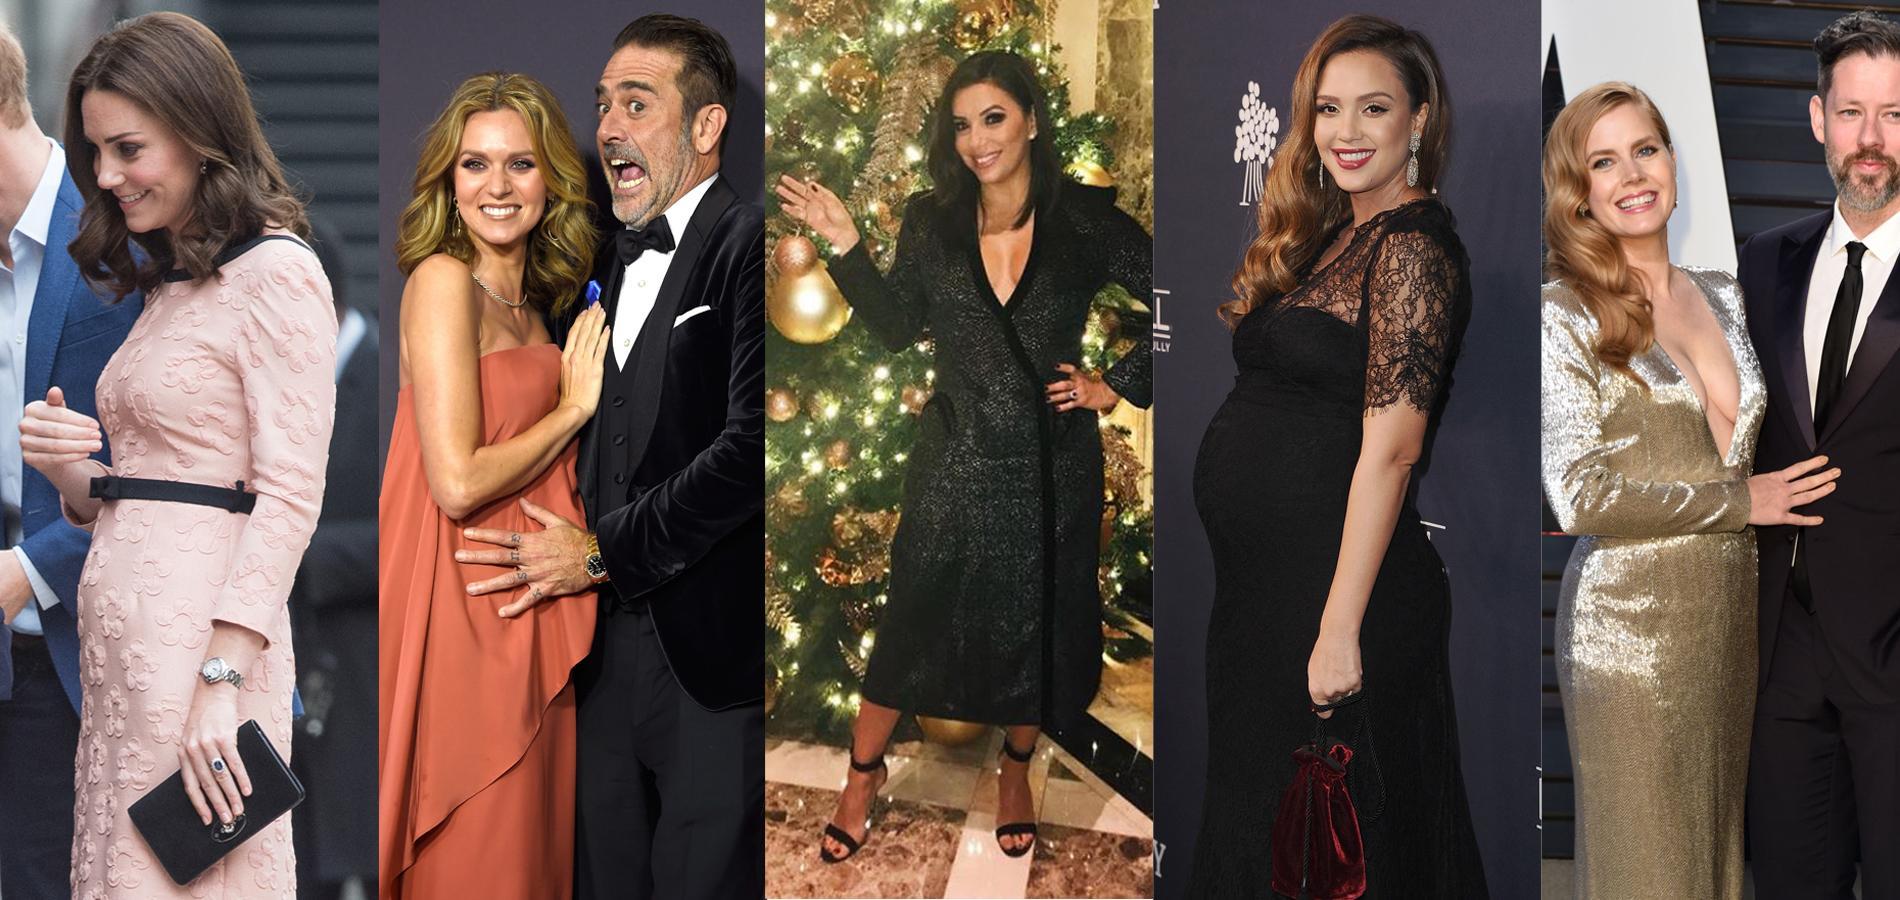 Kate Middleton, Eva Longoria, Kirsten Dunst... Les naissances les plus attendues en 2018